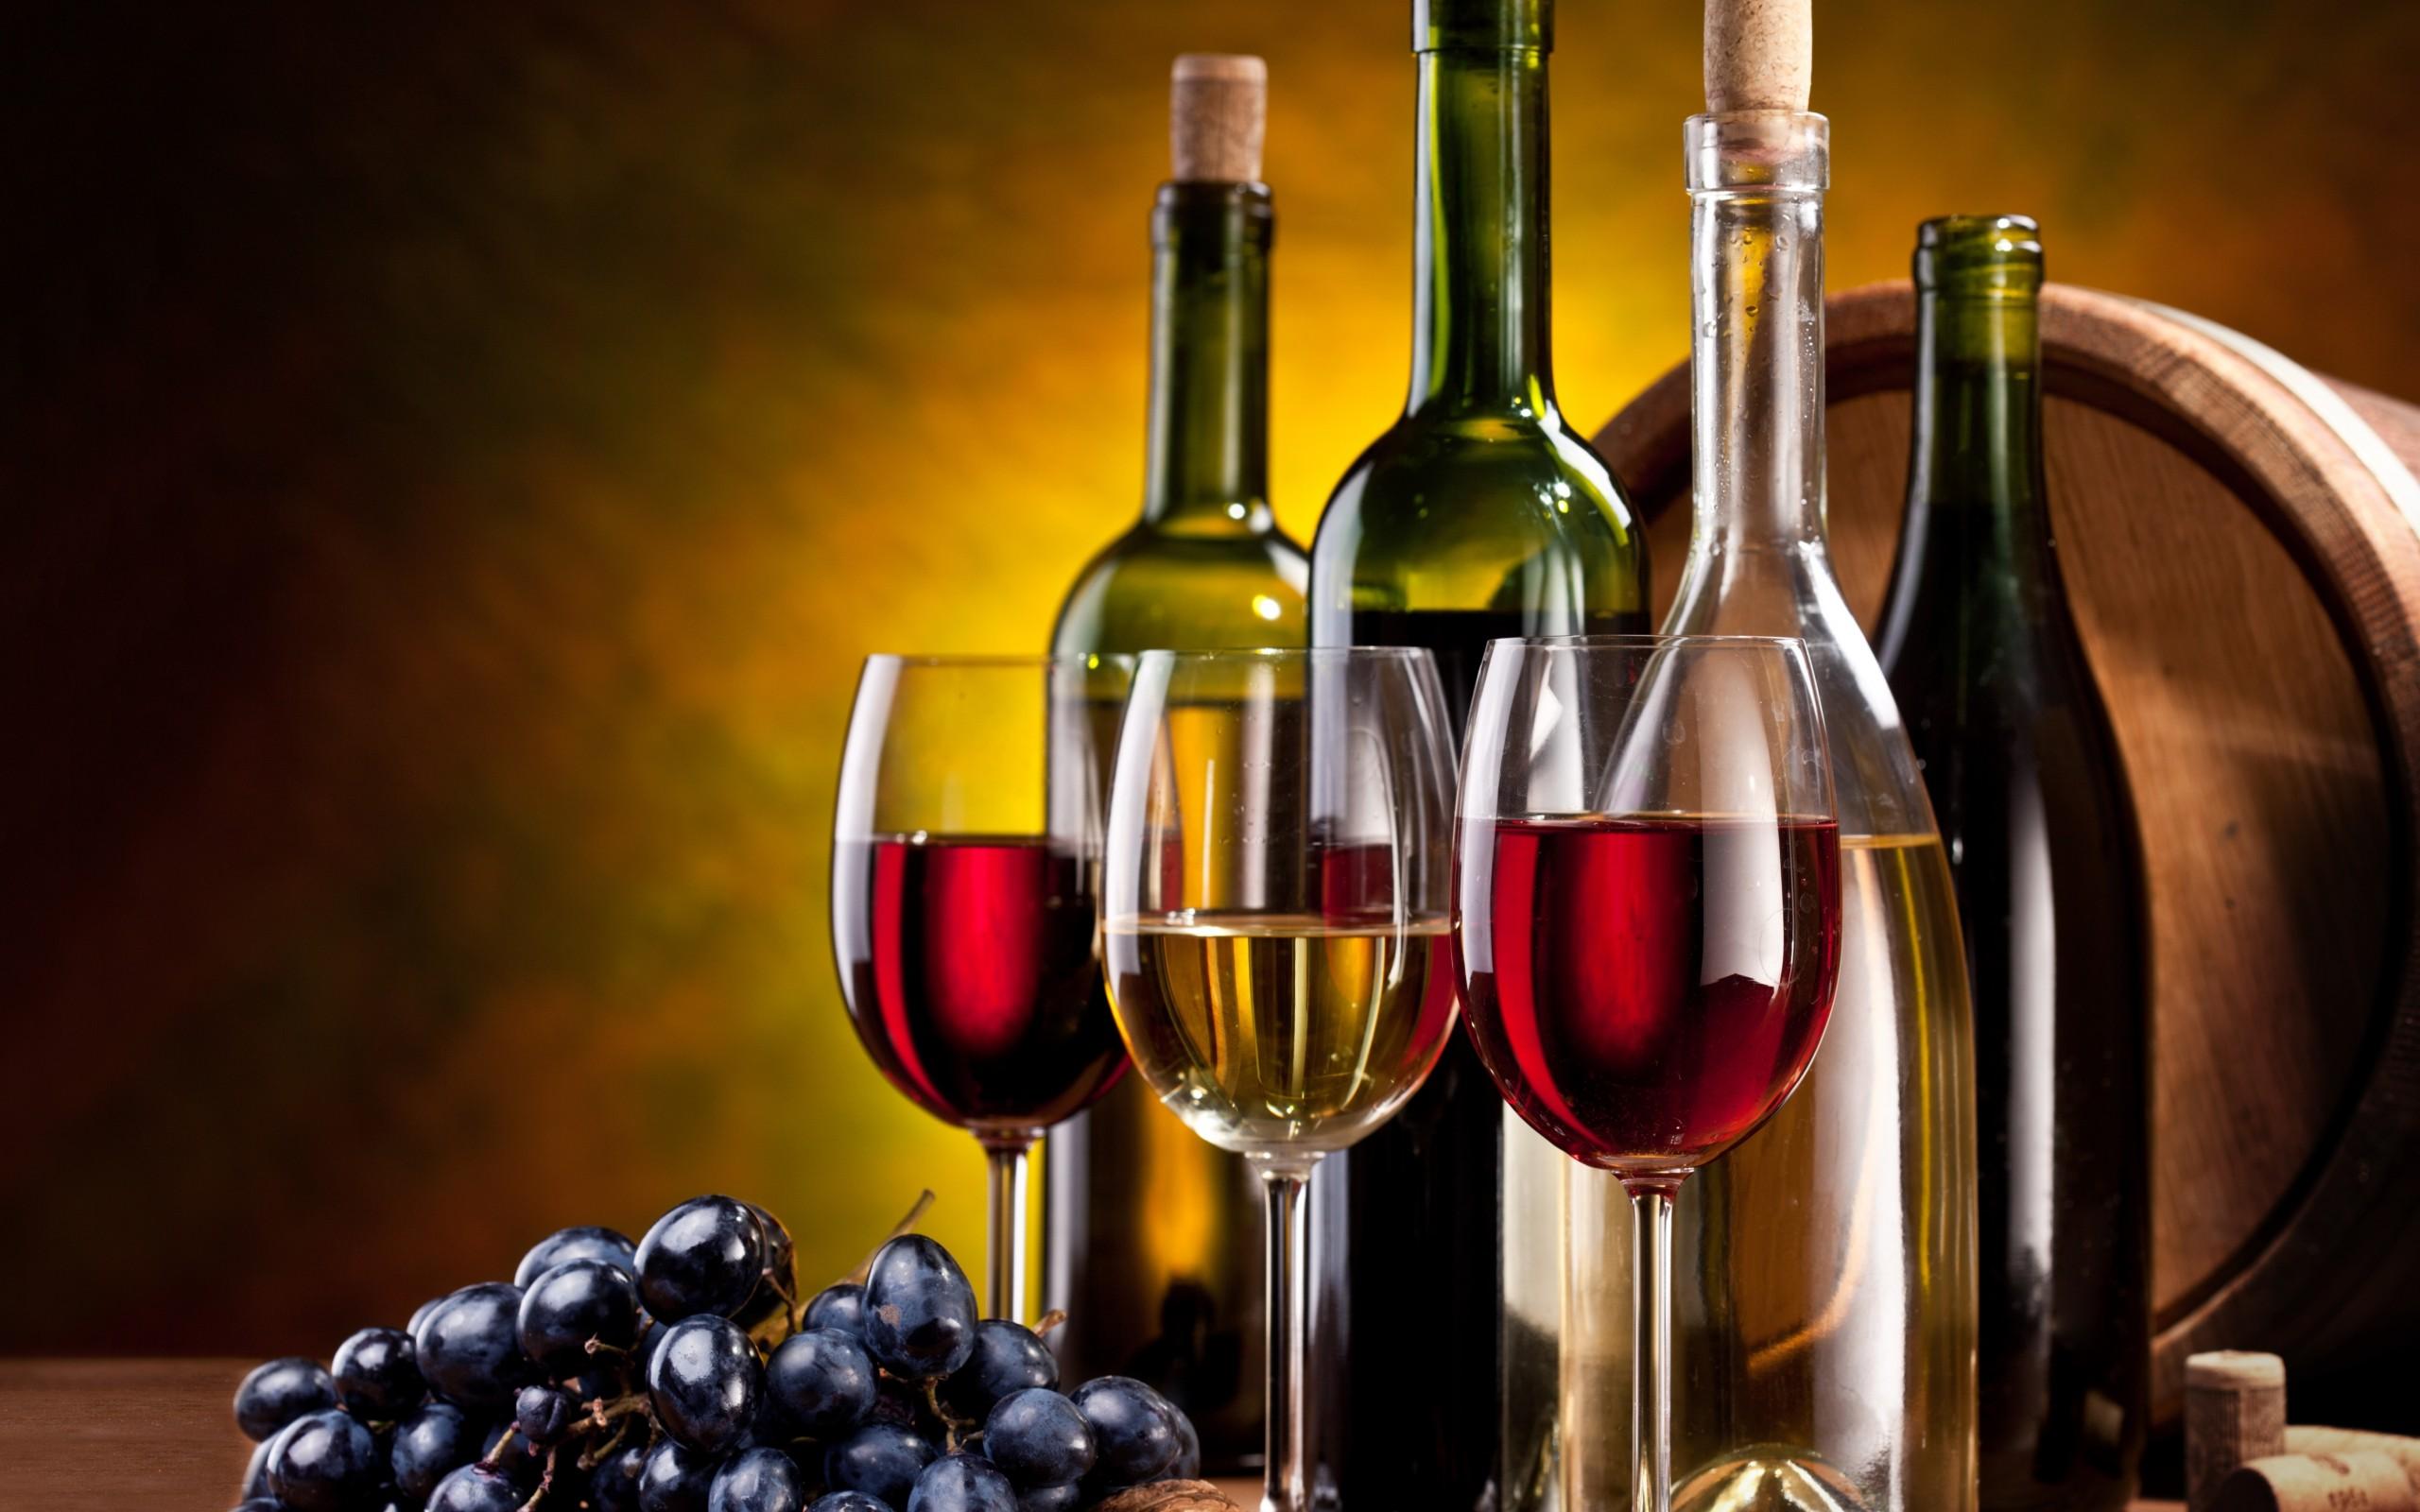 Rượu, thuốc lá, thuốc chữa bệnh không được khuyến mại